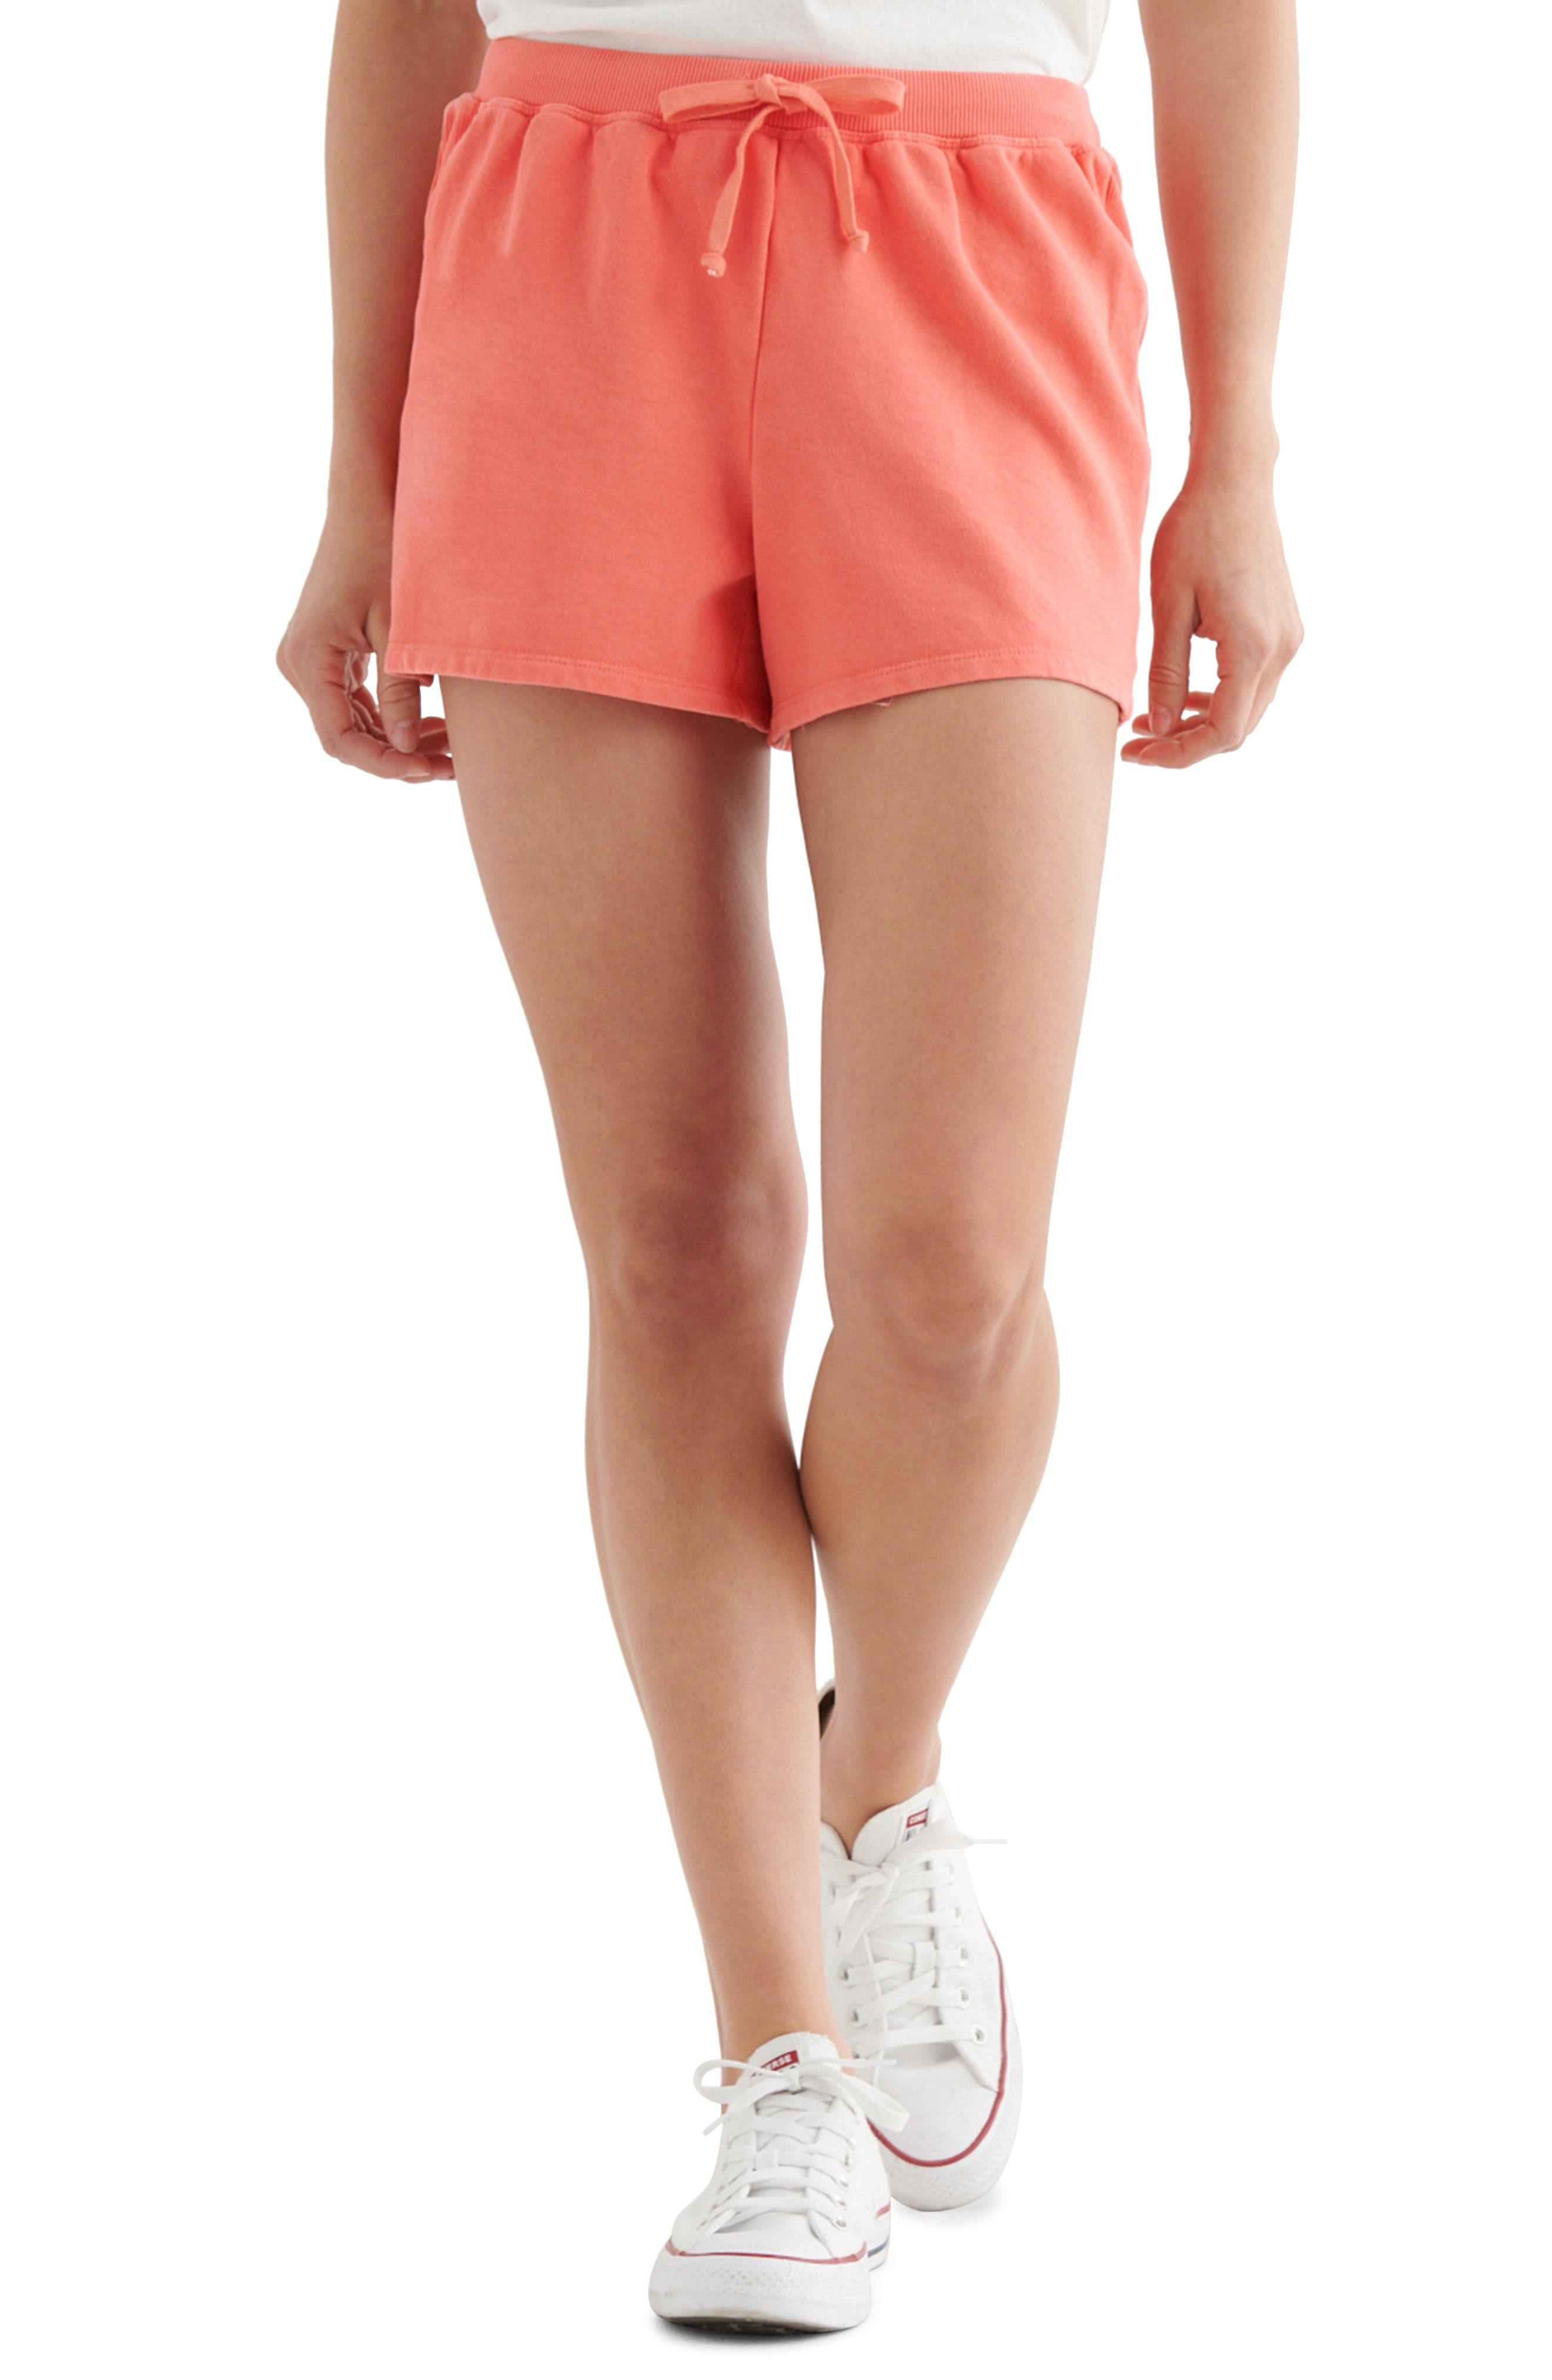 The Summer Drawstring Shorts